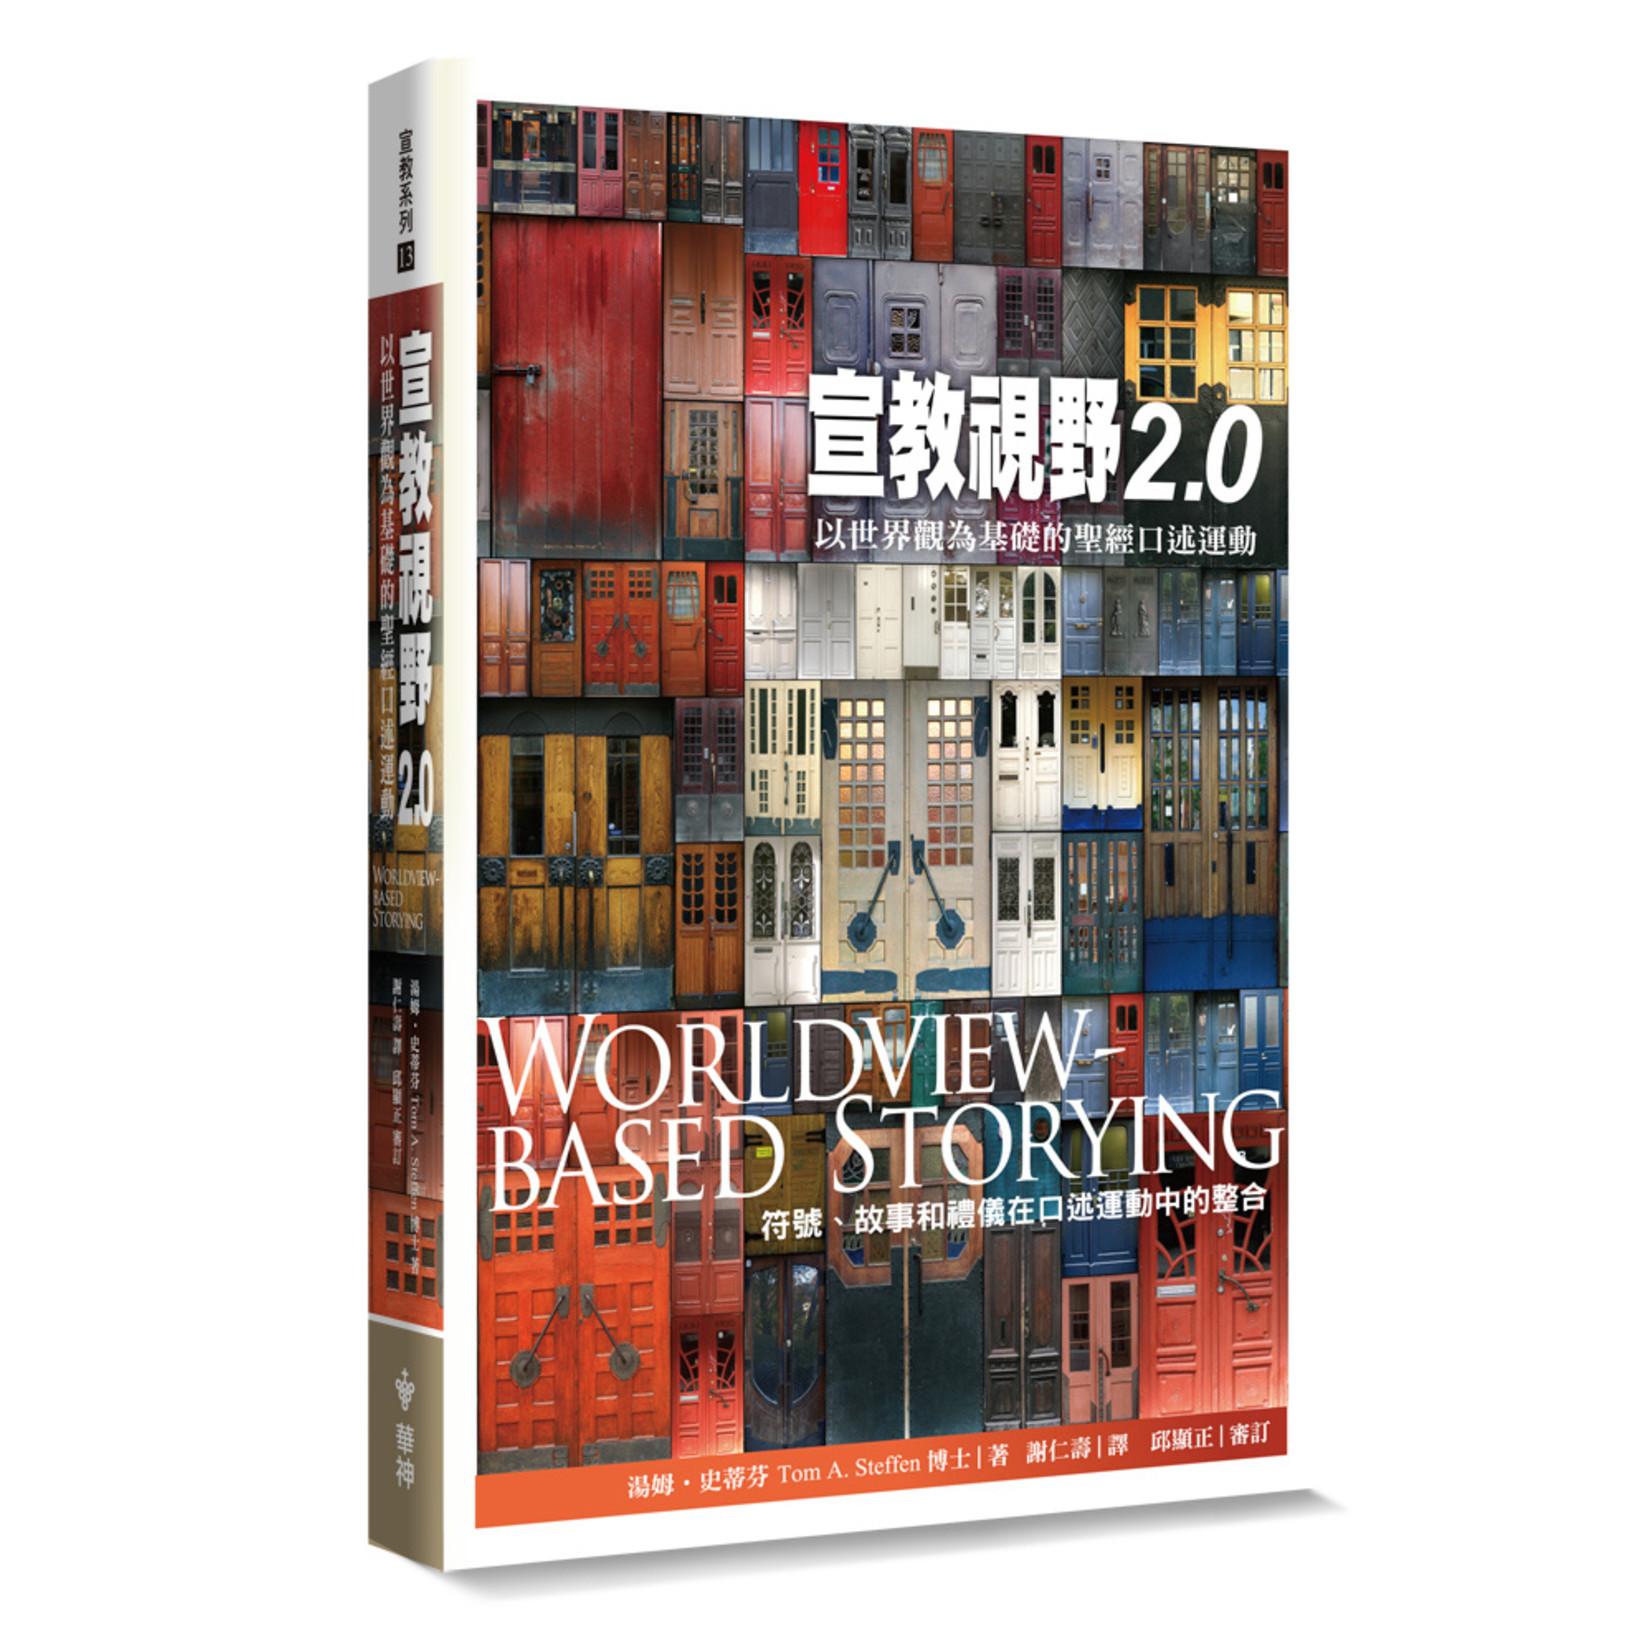 中華福音神學院 China Evangelical Seminary 宣教視野2.0:以世界觀為基礎的聖經口述運動 Worldview-based Storying: The Integration of Symbol, Story, and Ritual in the Or